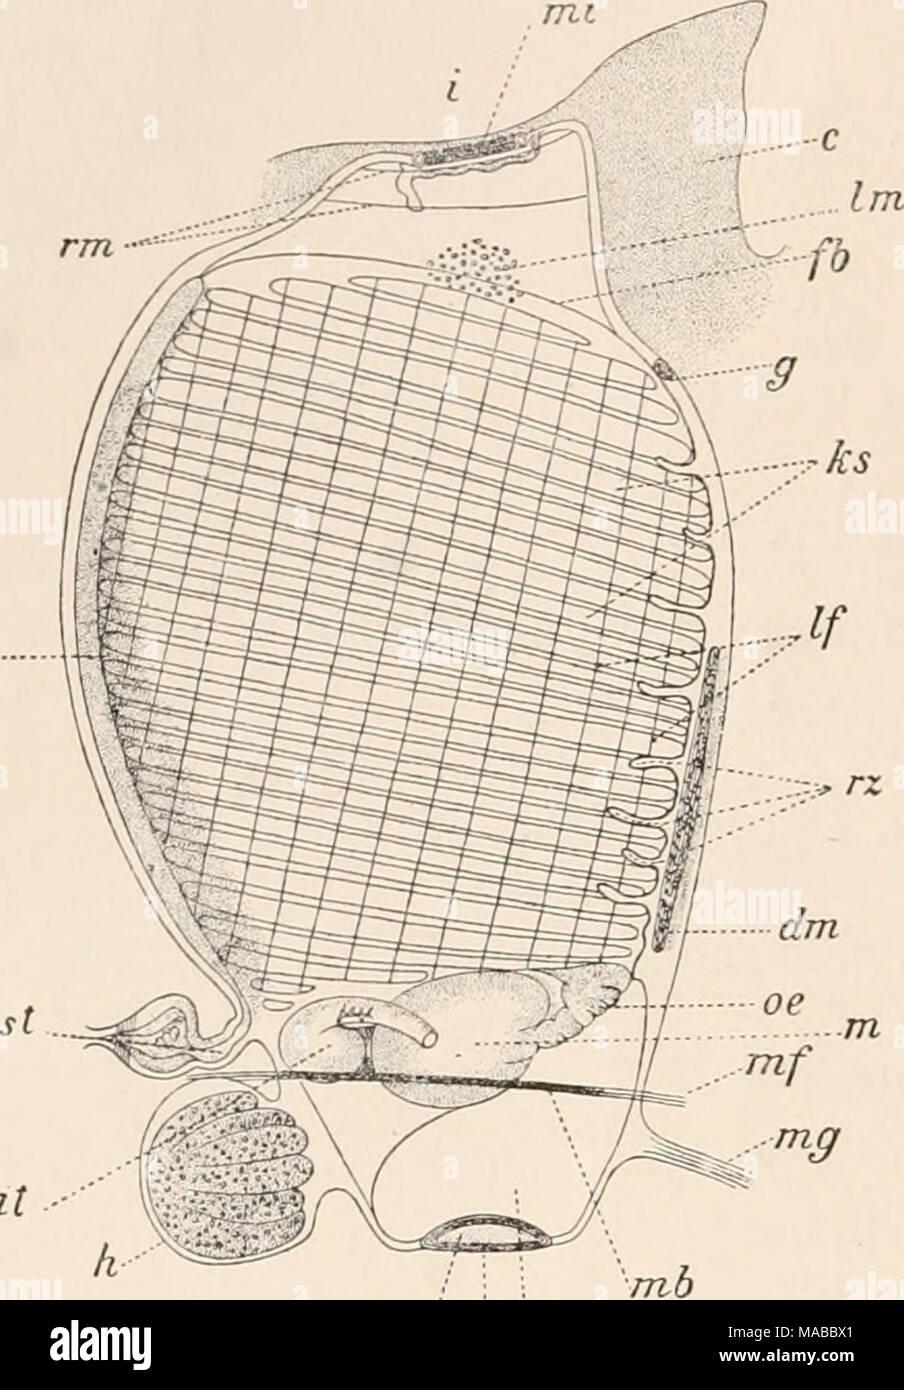 Ausgezeichnet Fußanatomie Bogen Ideen - Anatomie Ideen - finotti.info